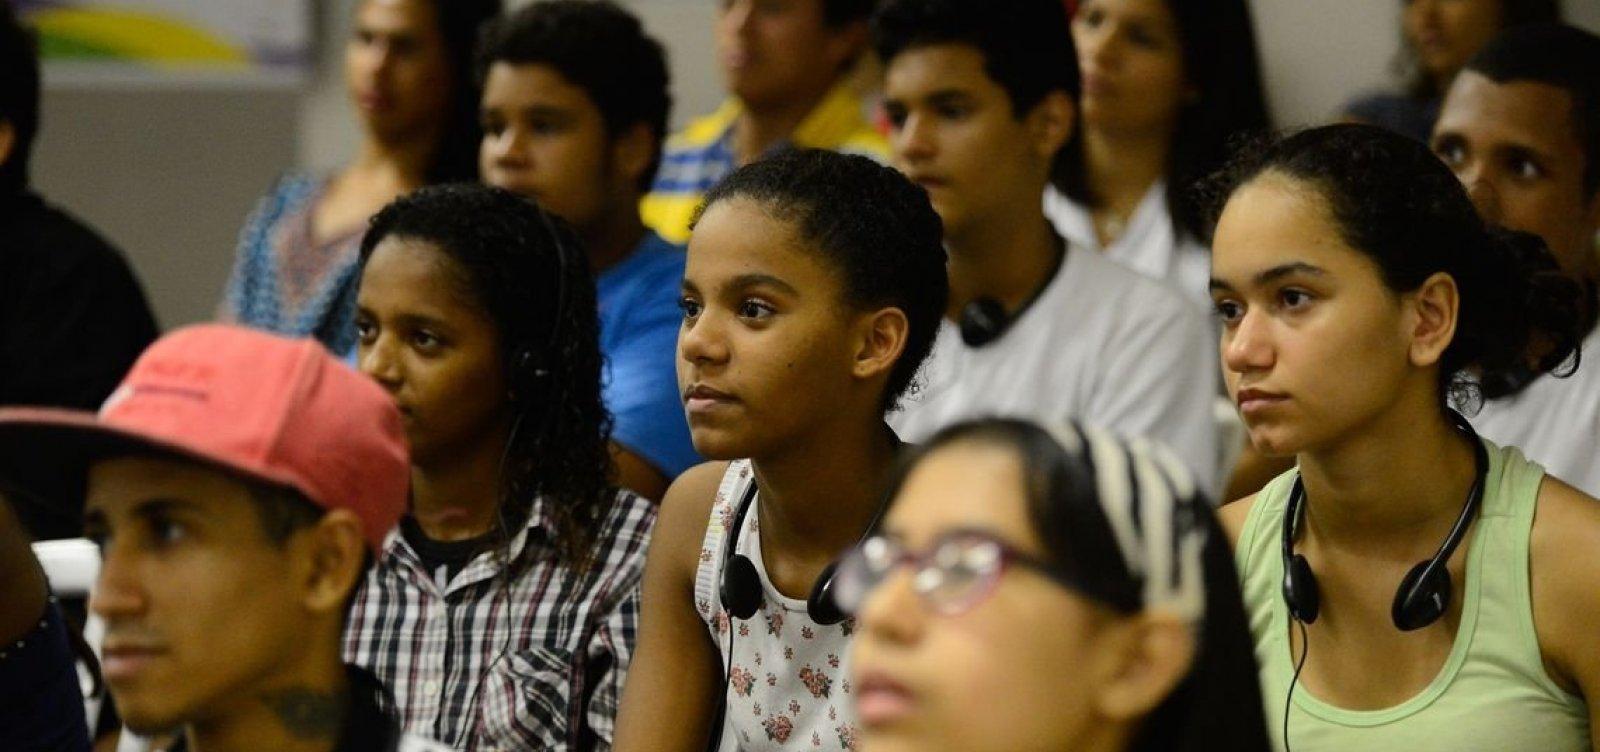 Proporção de jovens 'nem-nem' cresce pelo 3º ano seguido na Bahia e chega a quase 30%